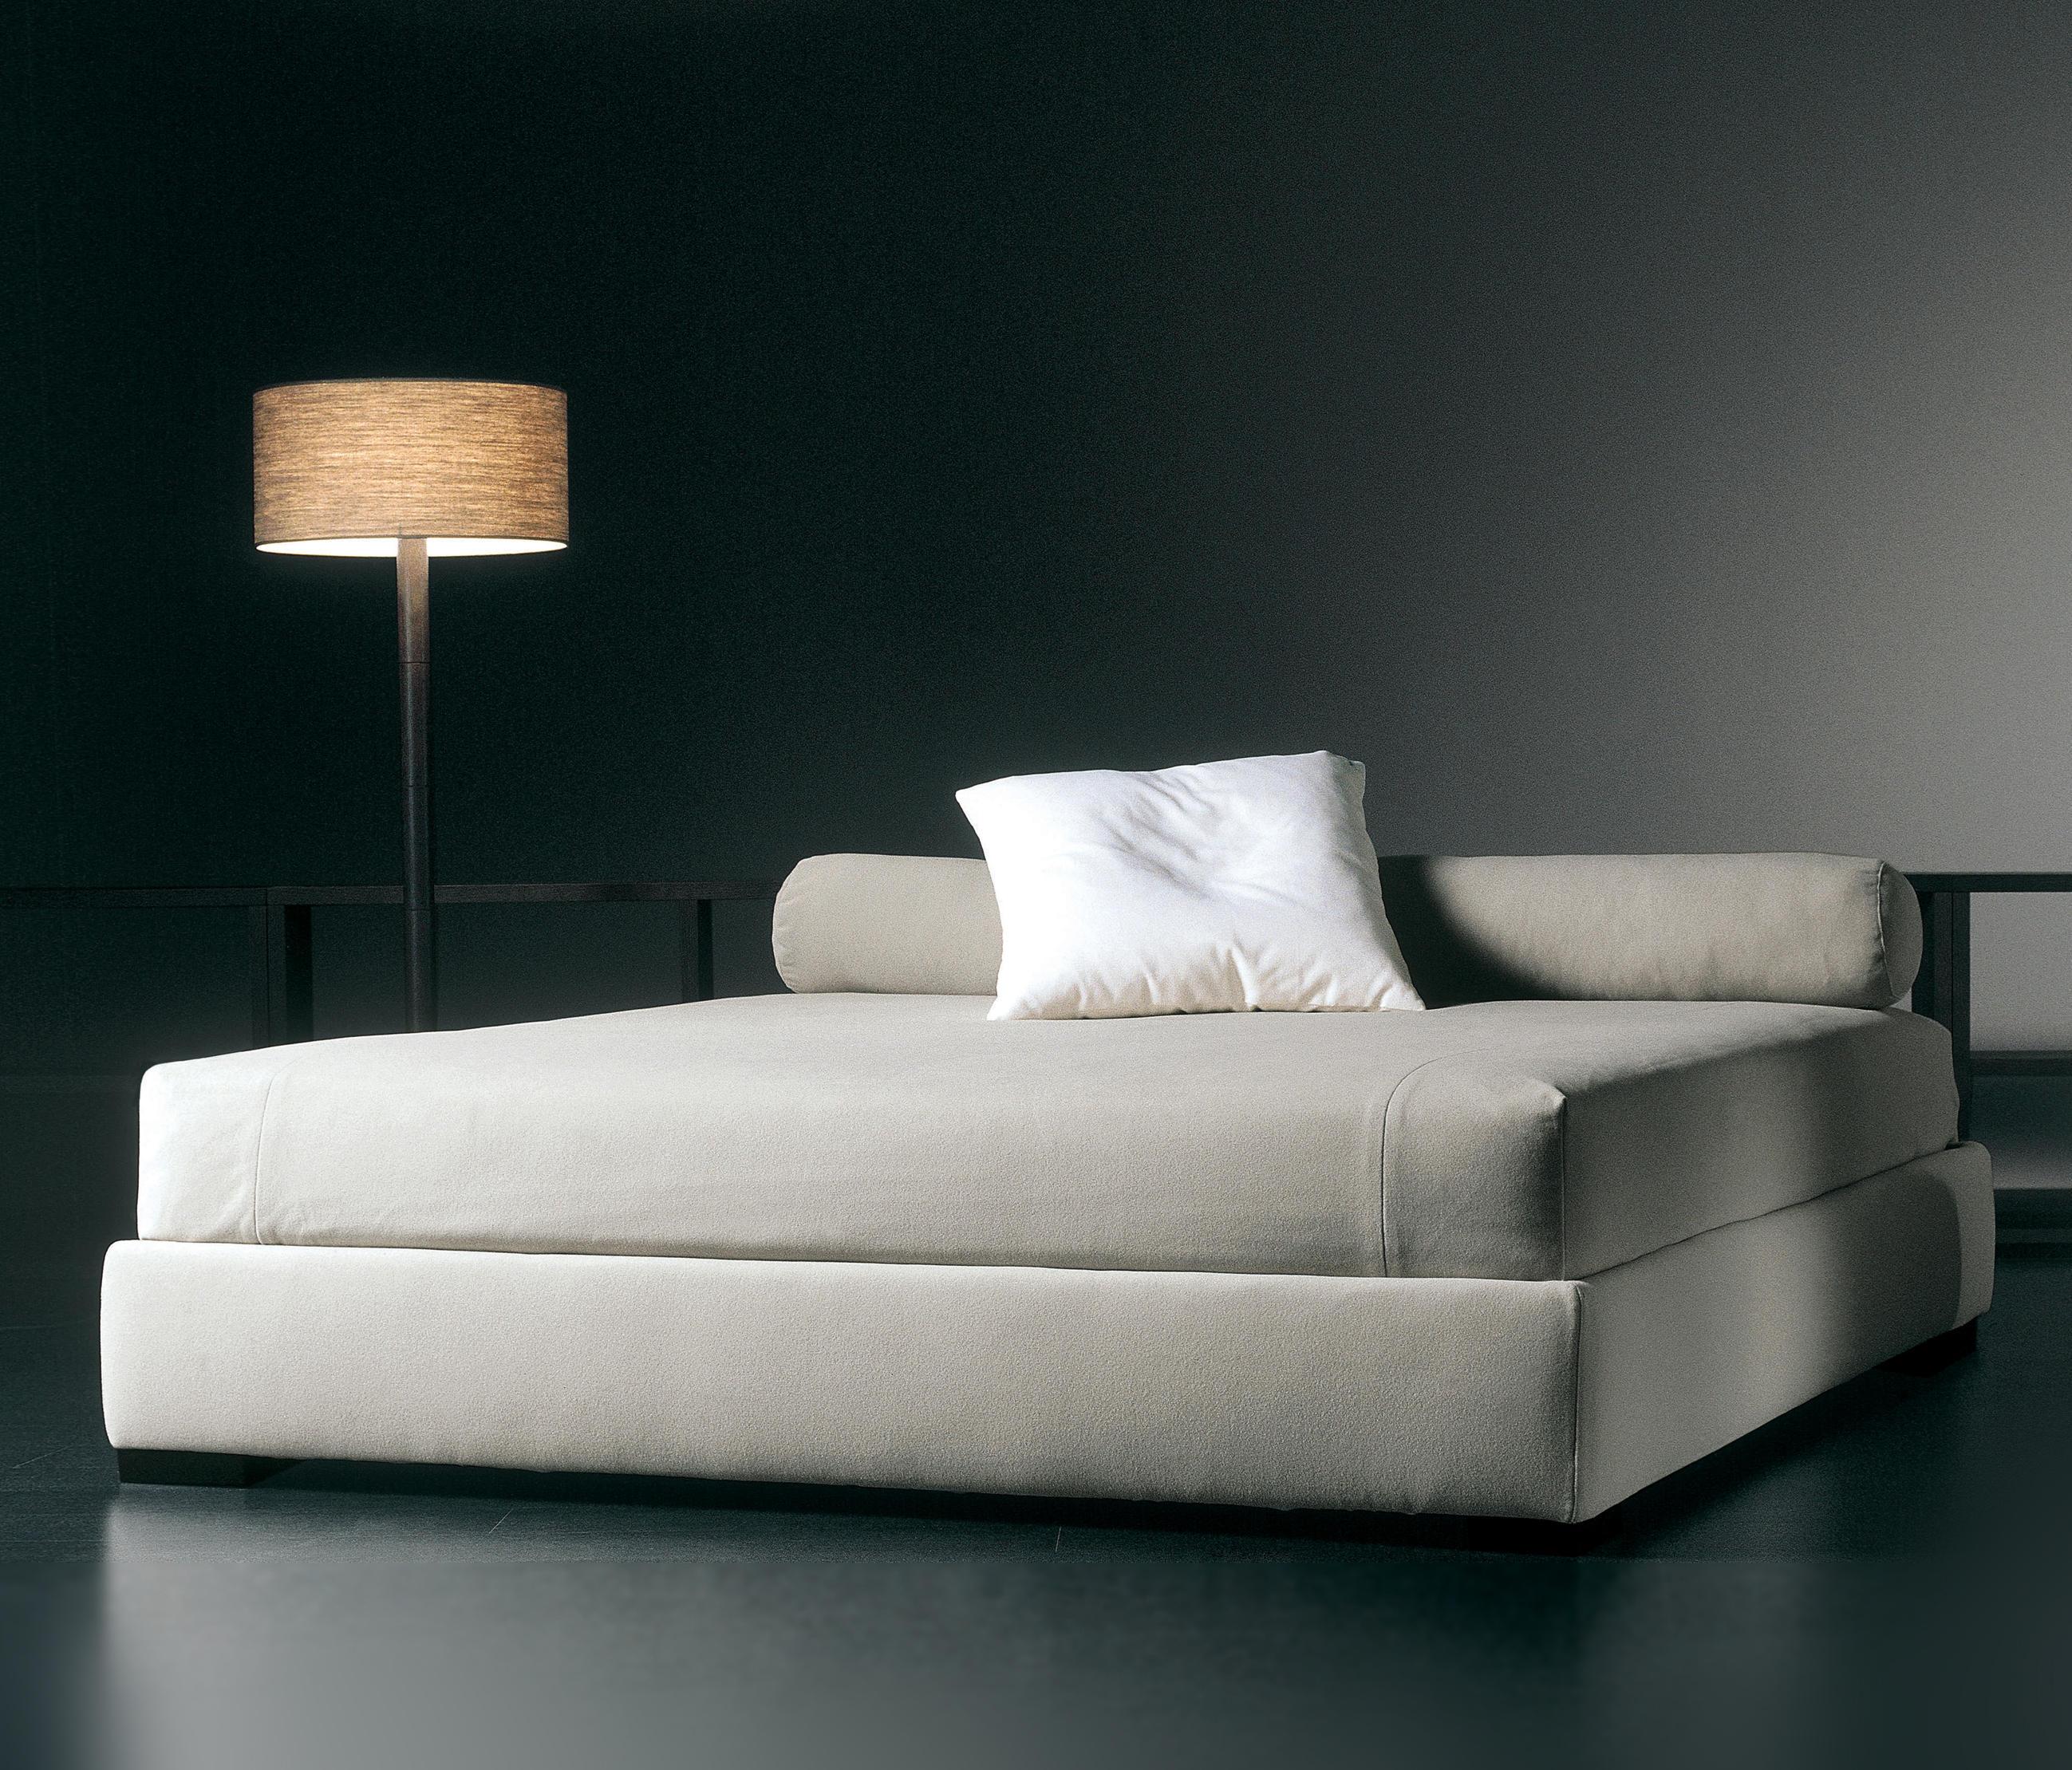 DEREK BETT - Betten von Meridiani | Architonic